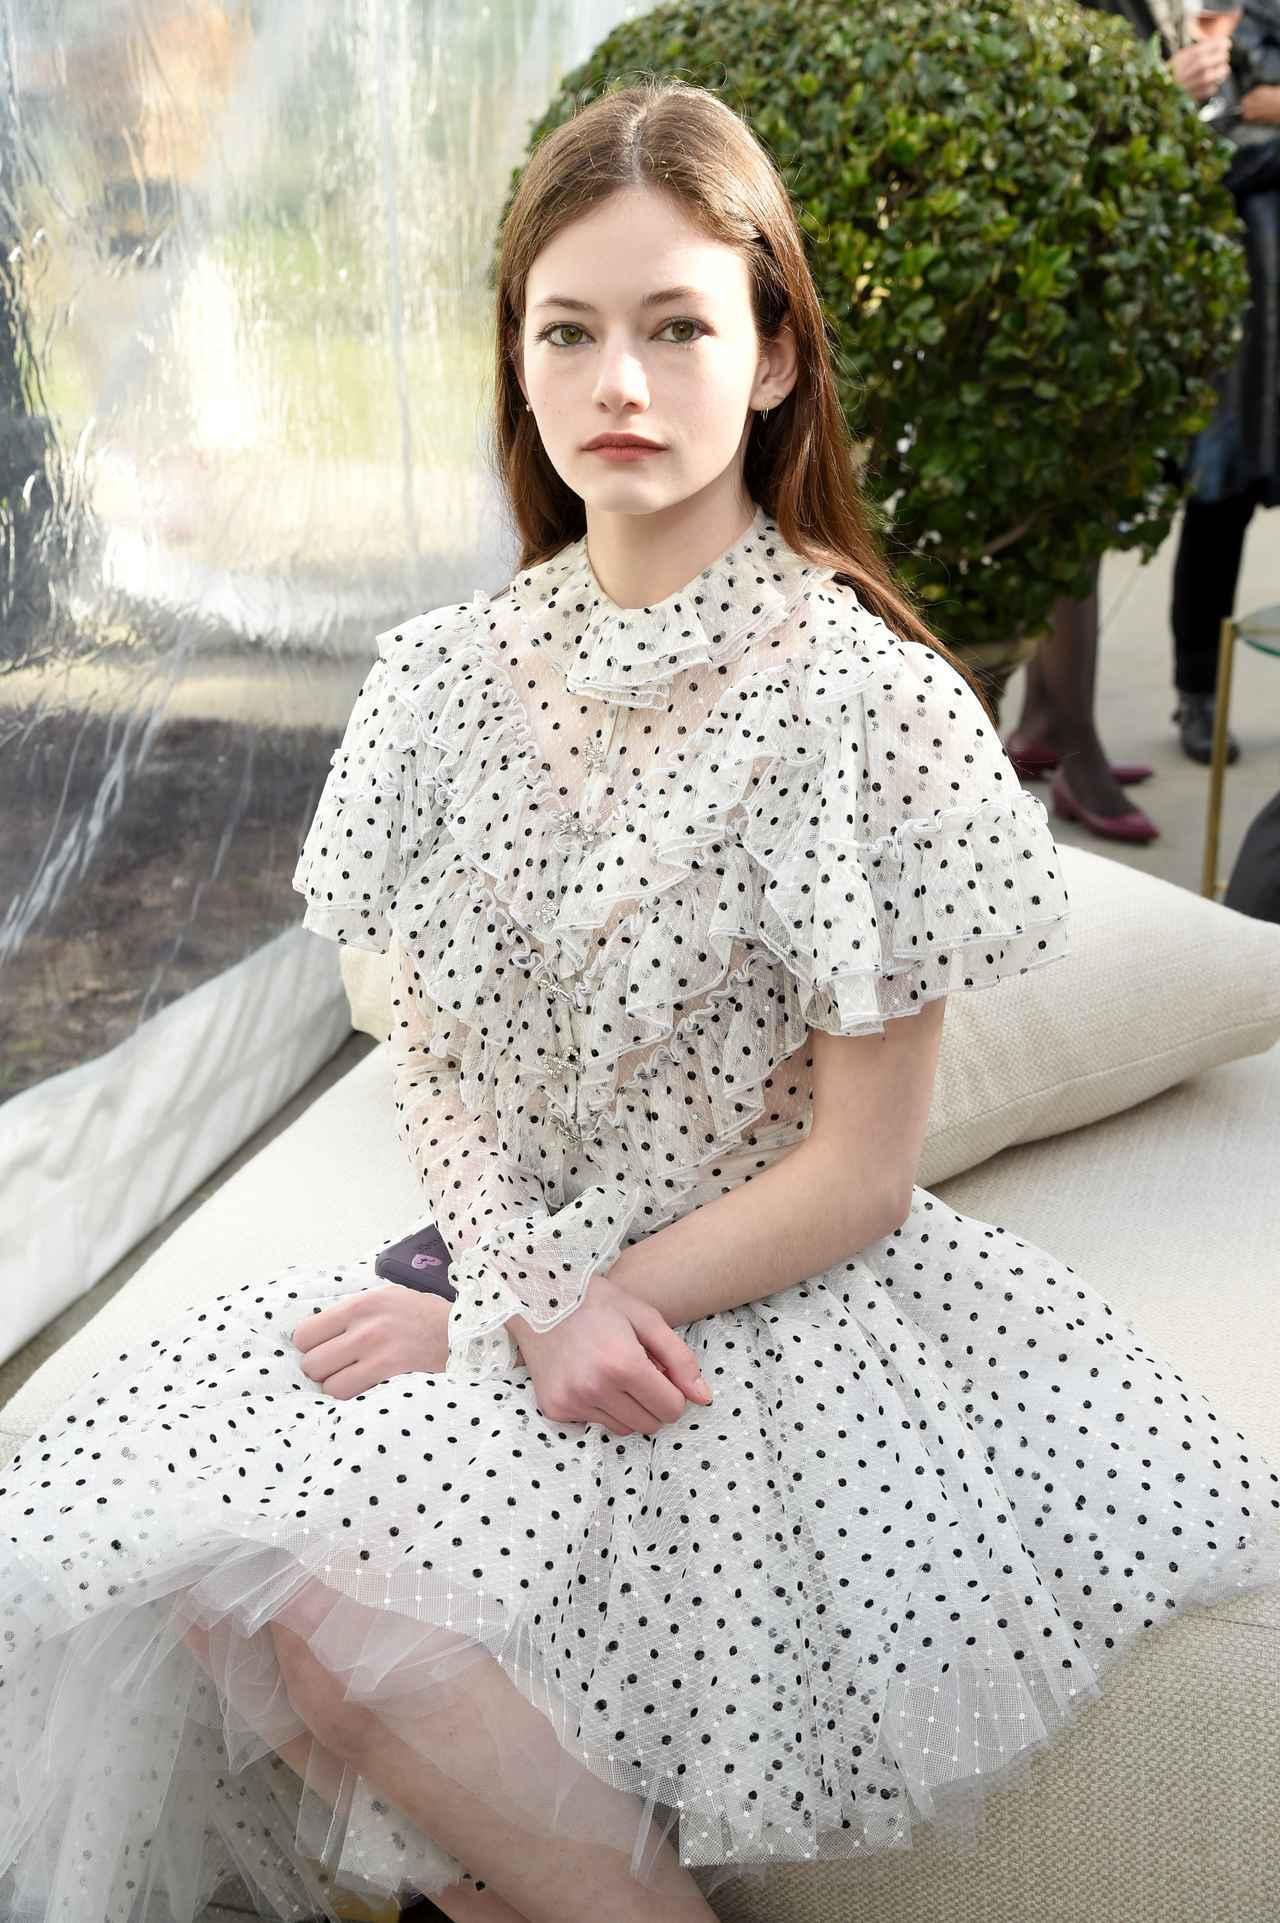 画像: 妖精のような儚いオーラでもデザイナーたちを魅了するマッケンジー・フォイ。Rodarteの2019秋冬コレクションにて。